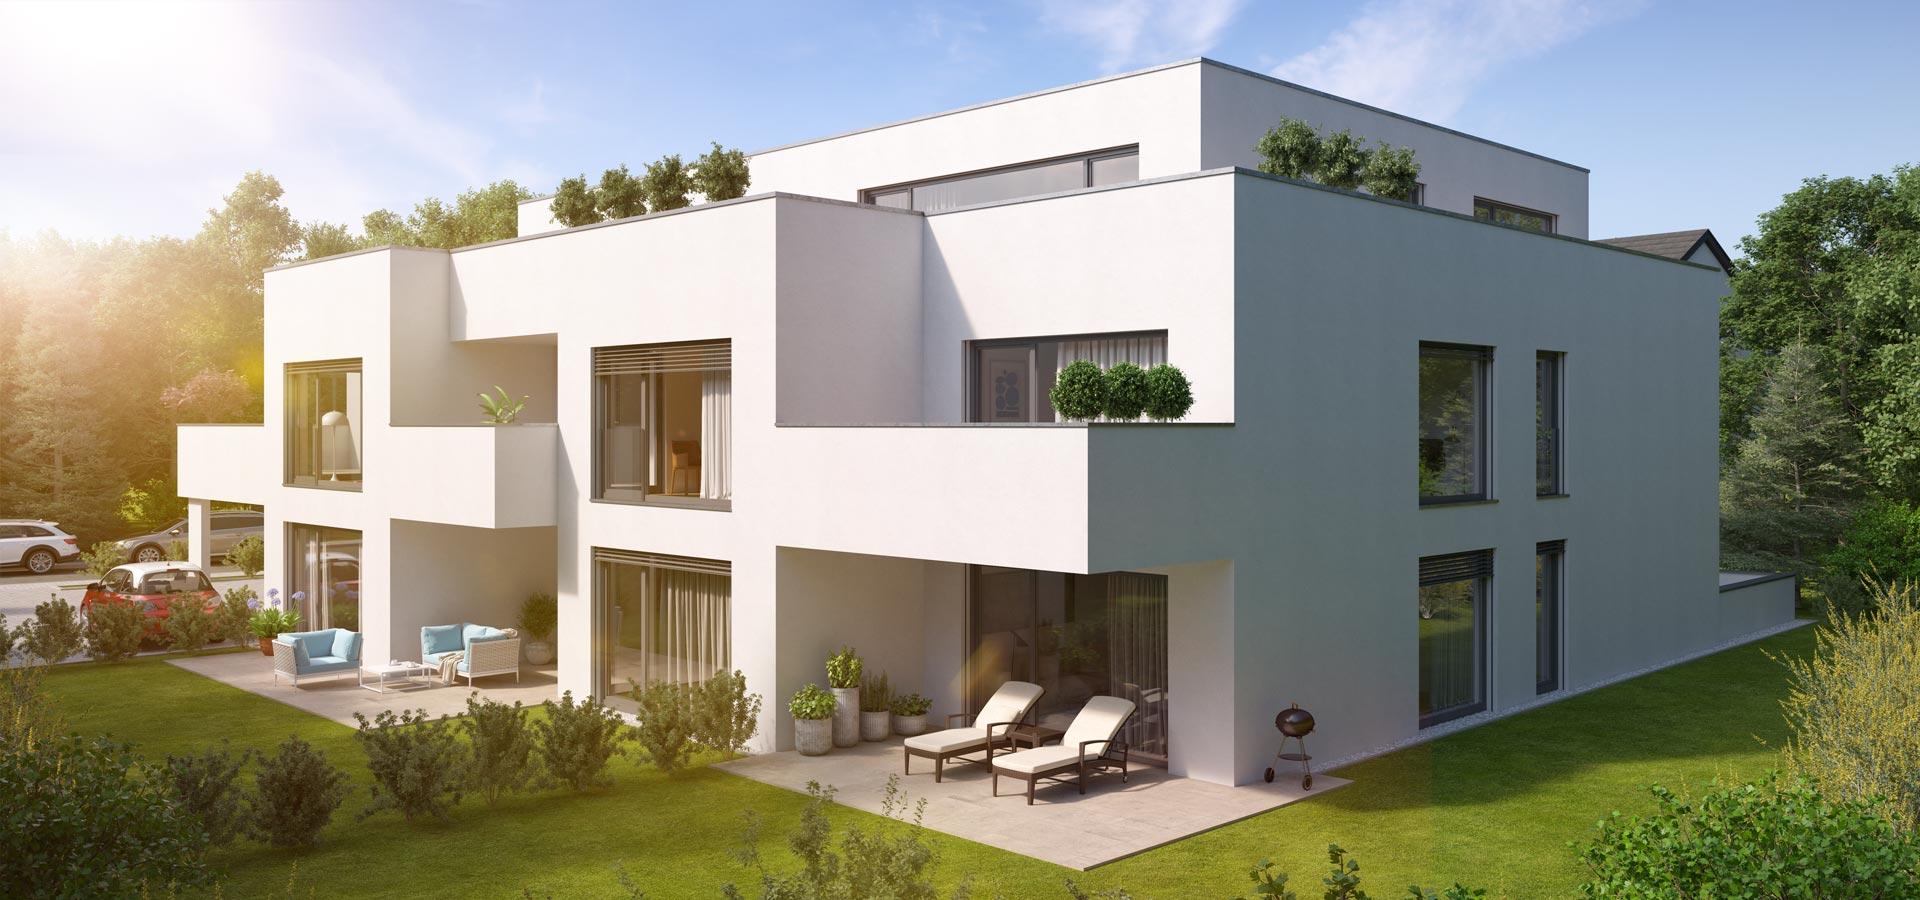 OPUS Marketing / Immobilienmarketing / Visualisierung, außen, Sonne